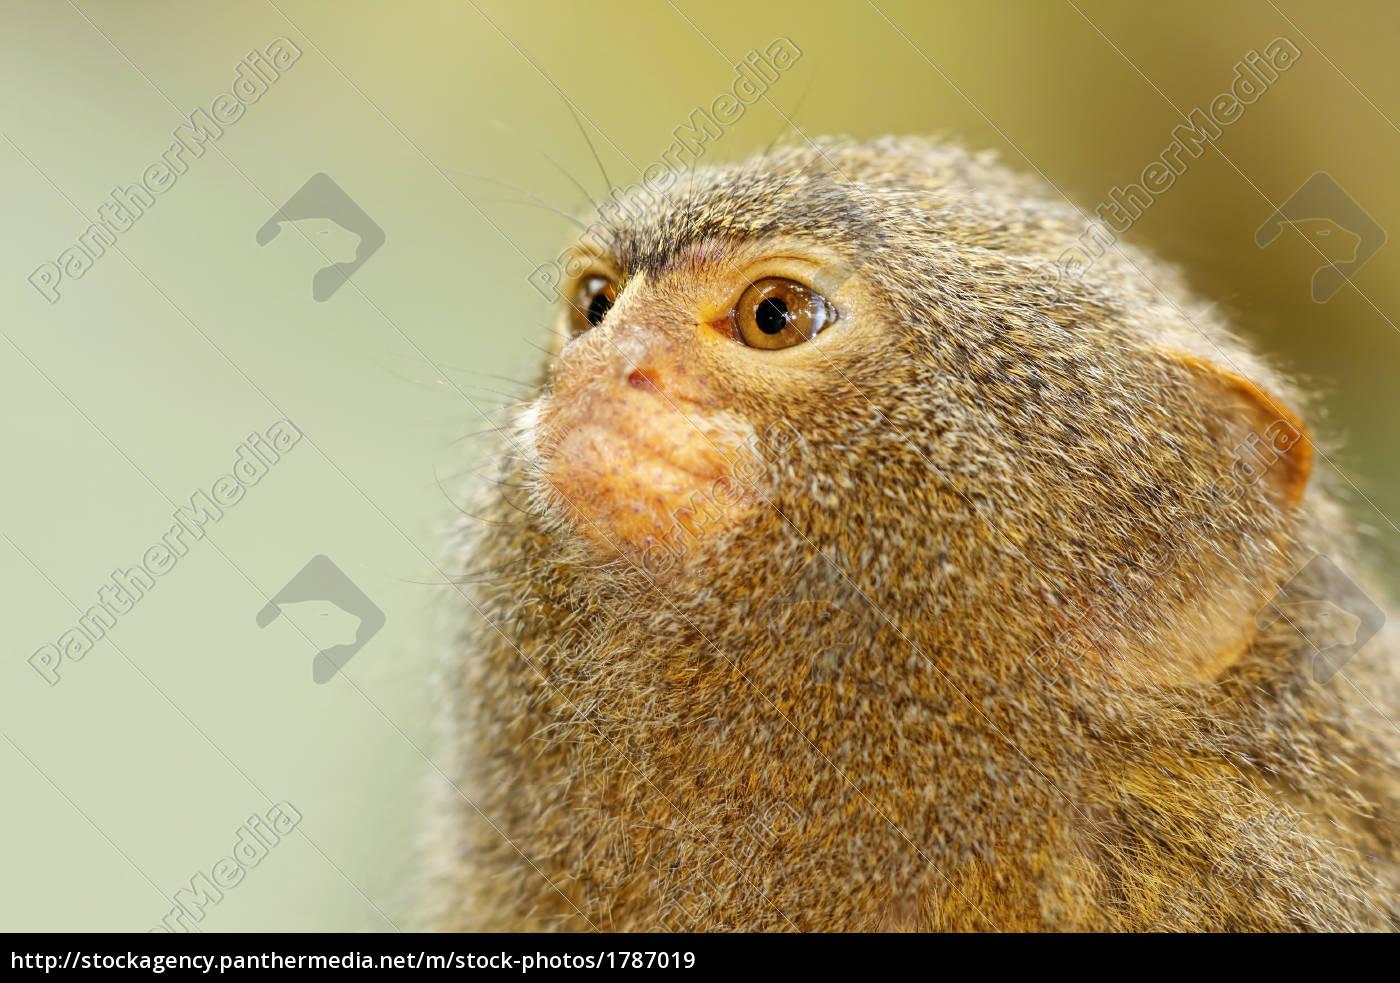 monkey - 1787019